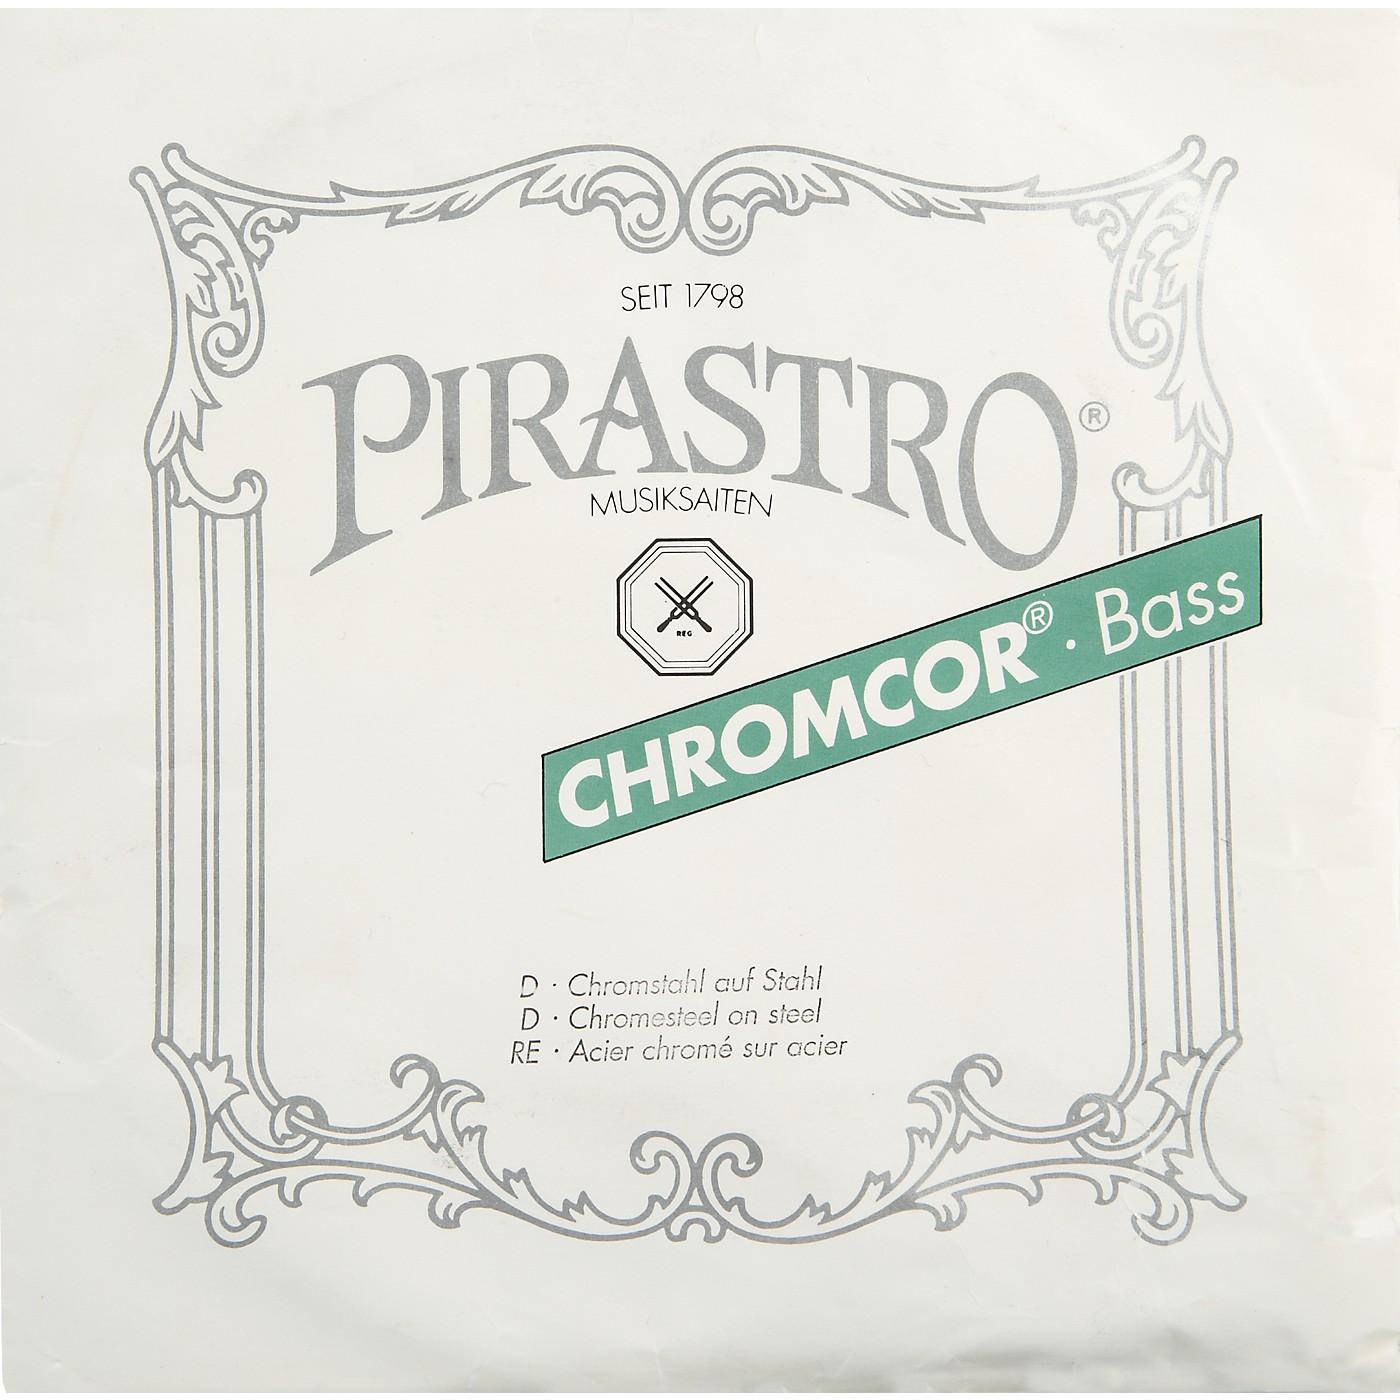 Pirastro Chromcor Series Double Bass A String thumbnail